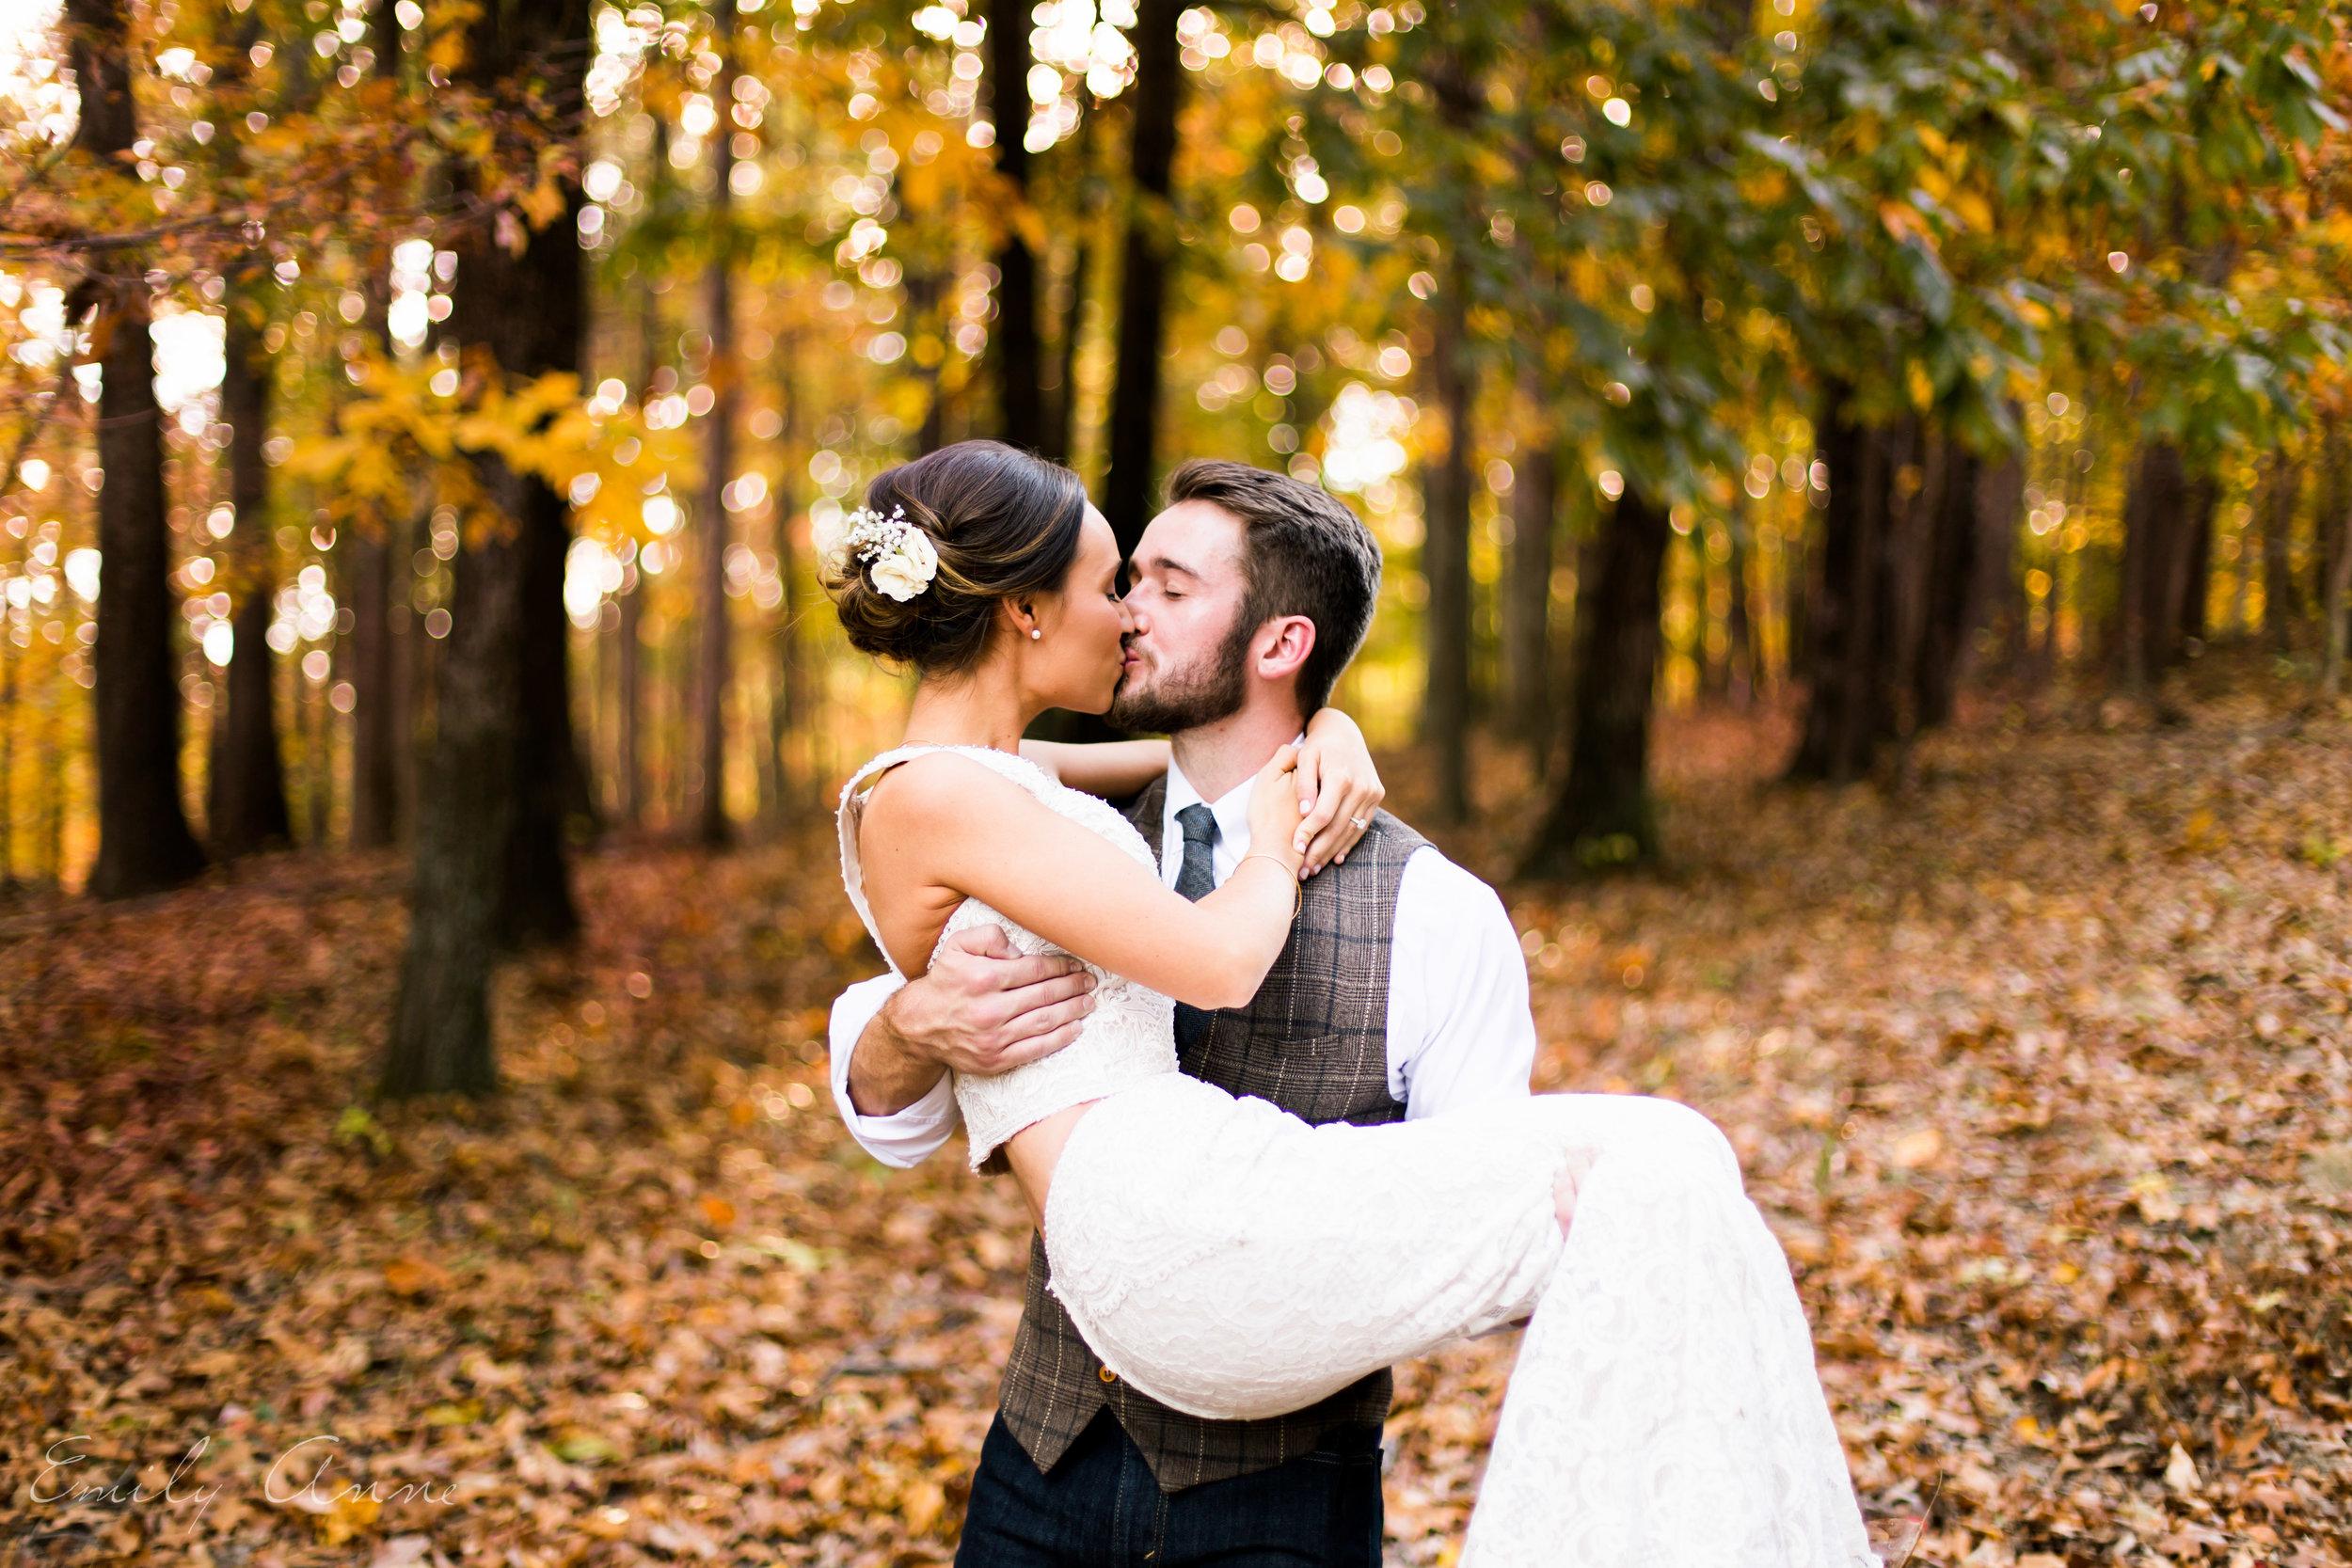 best nashville wedding photographer emily anne shot in Leiper's fork venue middle tn